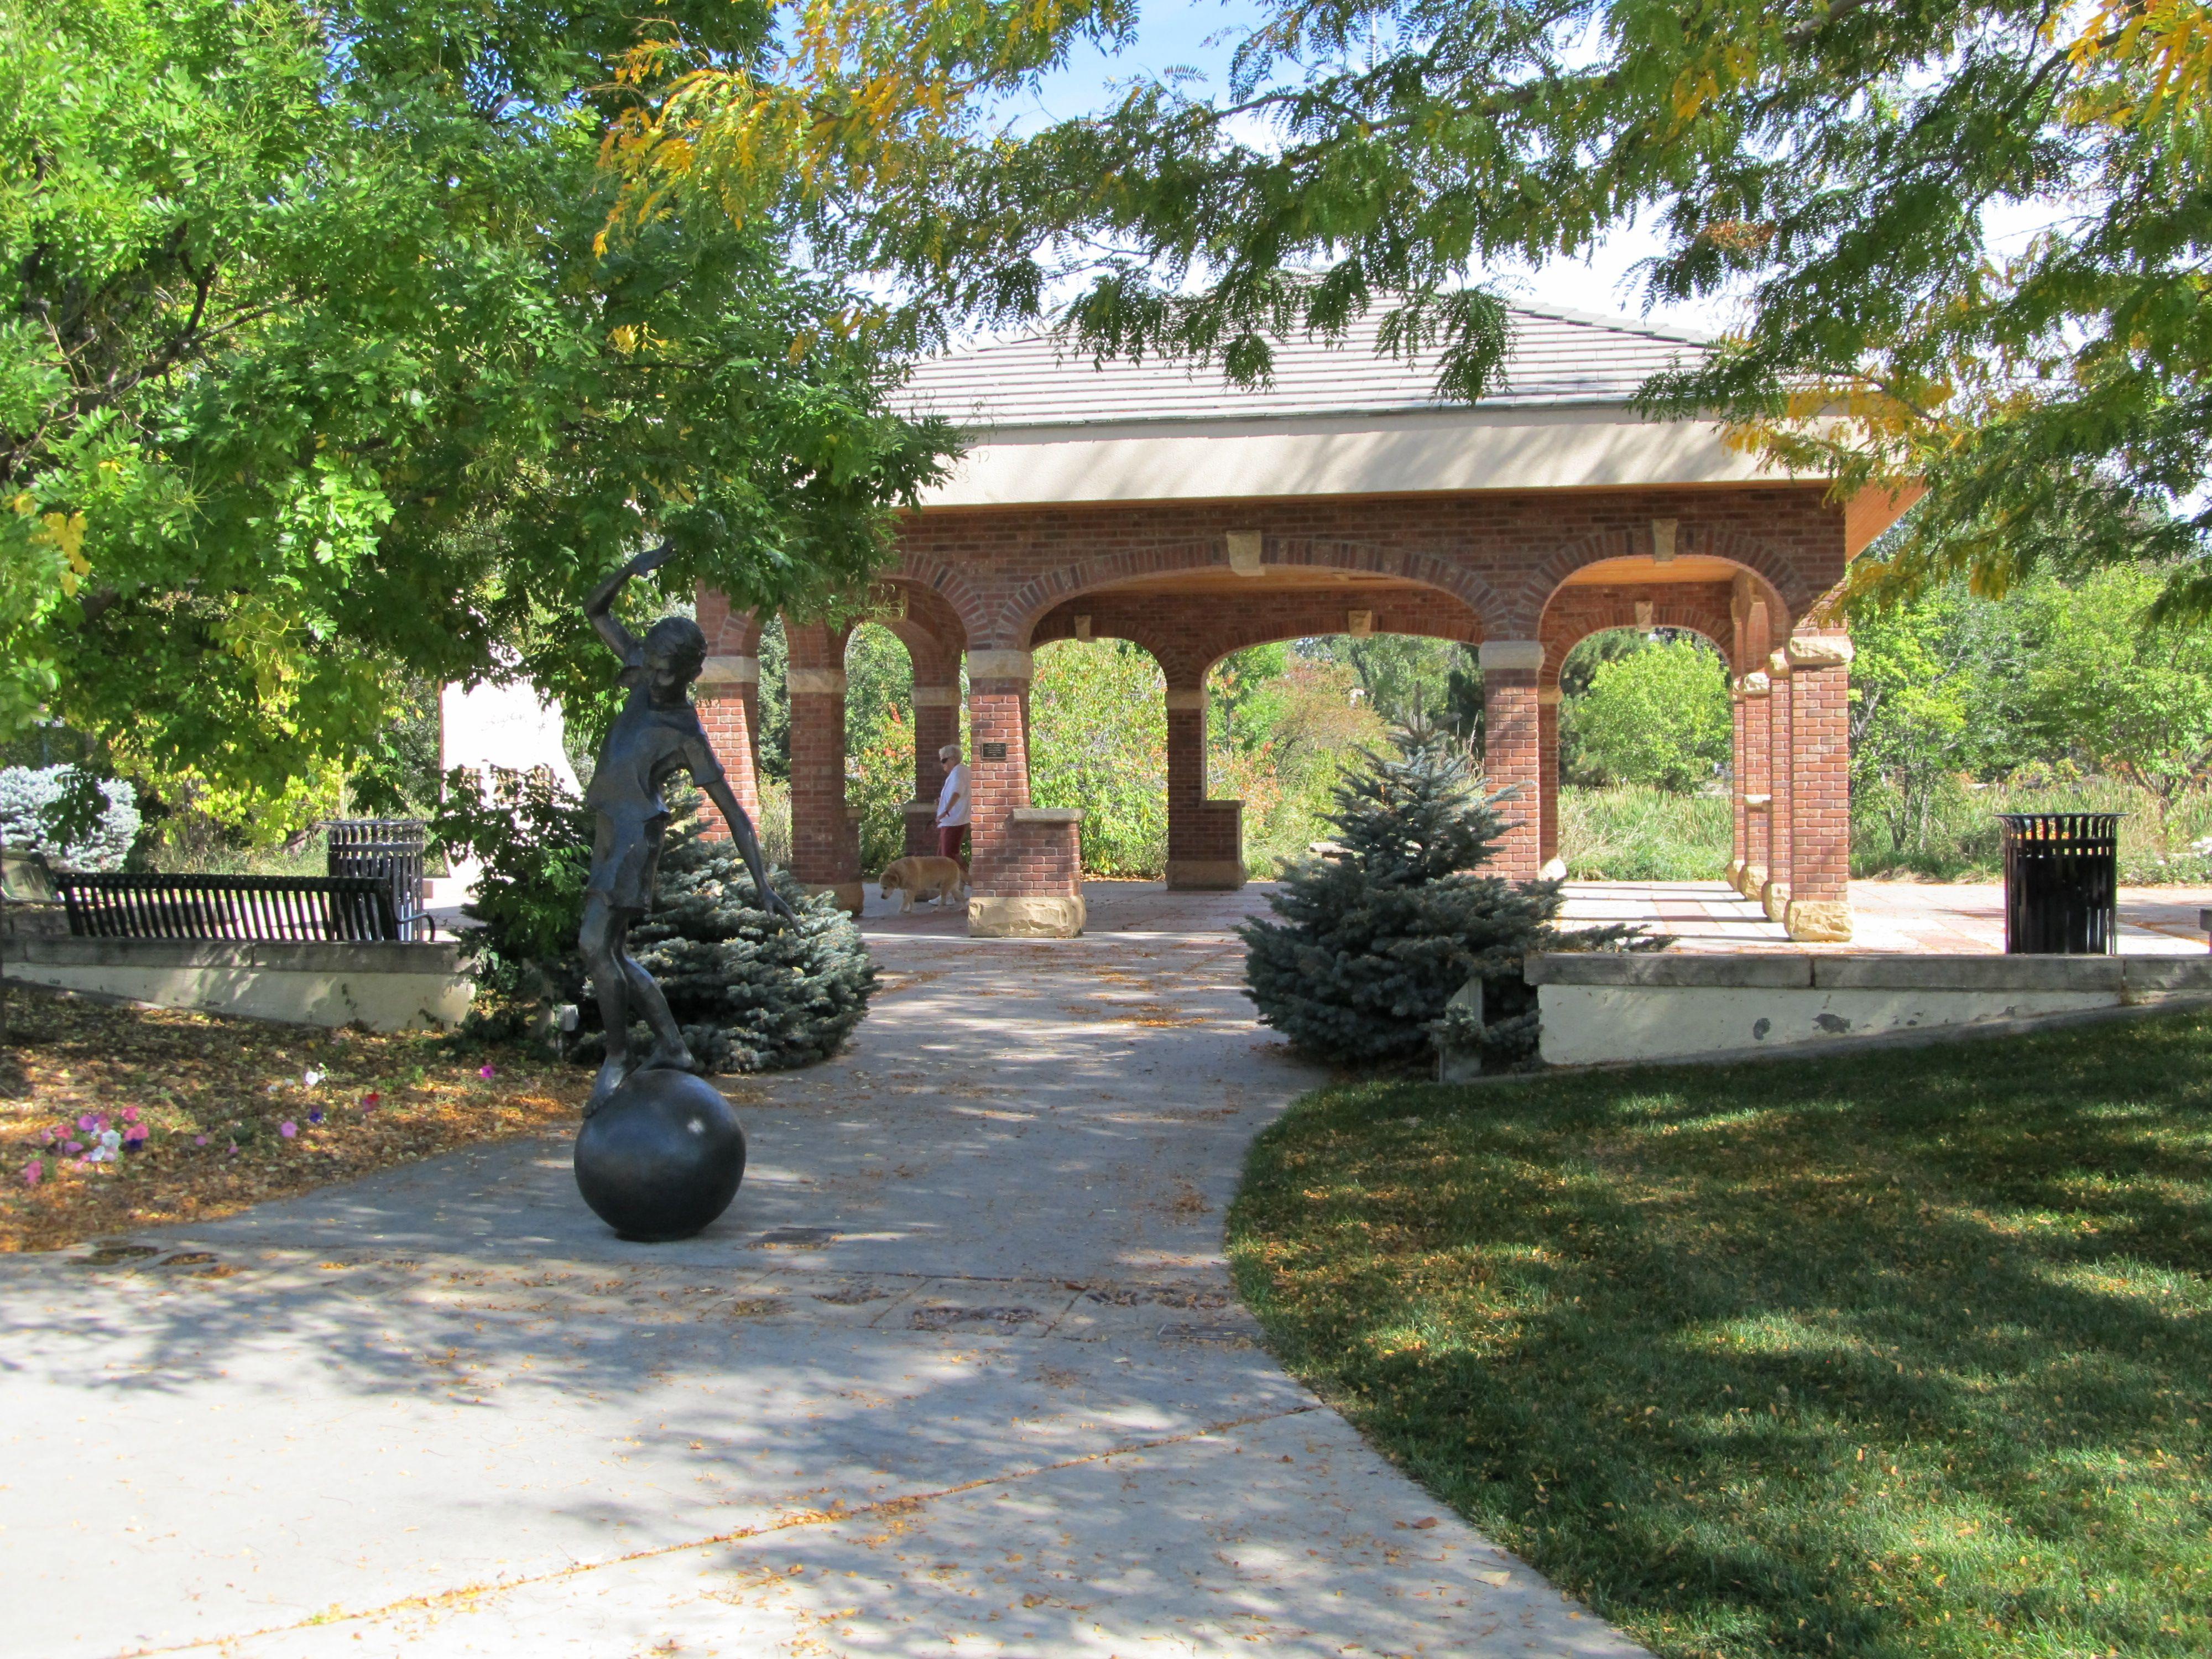 City Of Loveland Co Benson Sculpture Garden Loveland Colorado